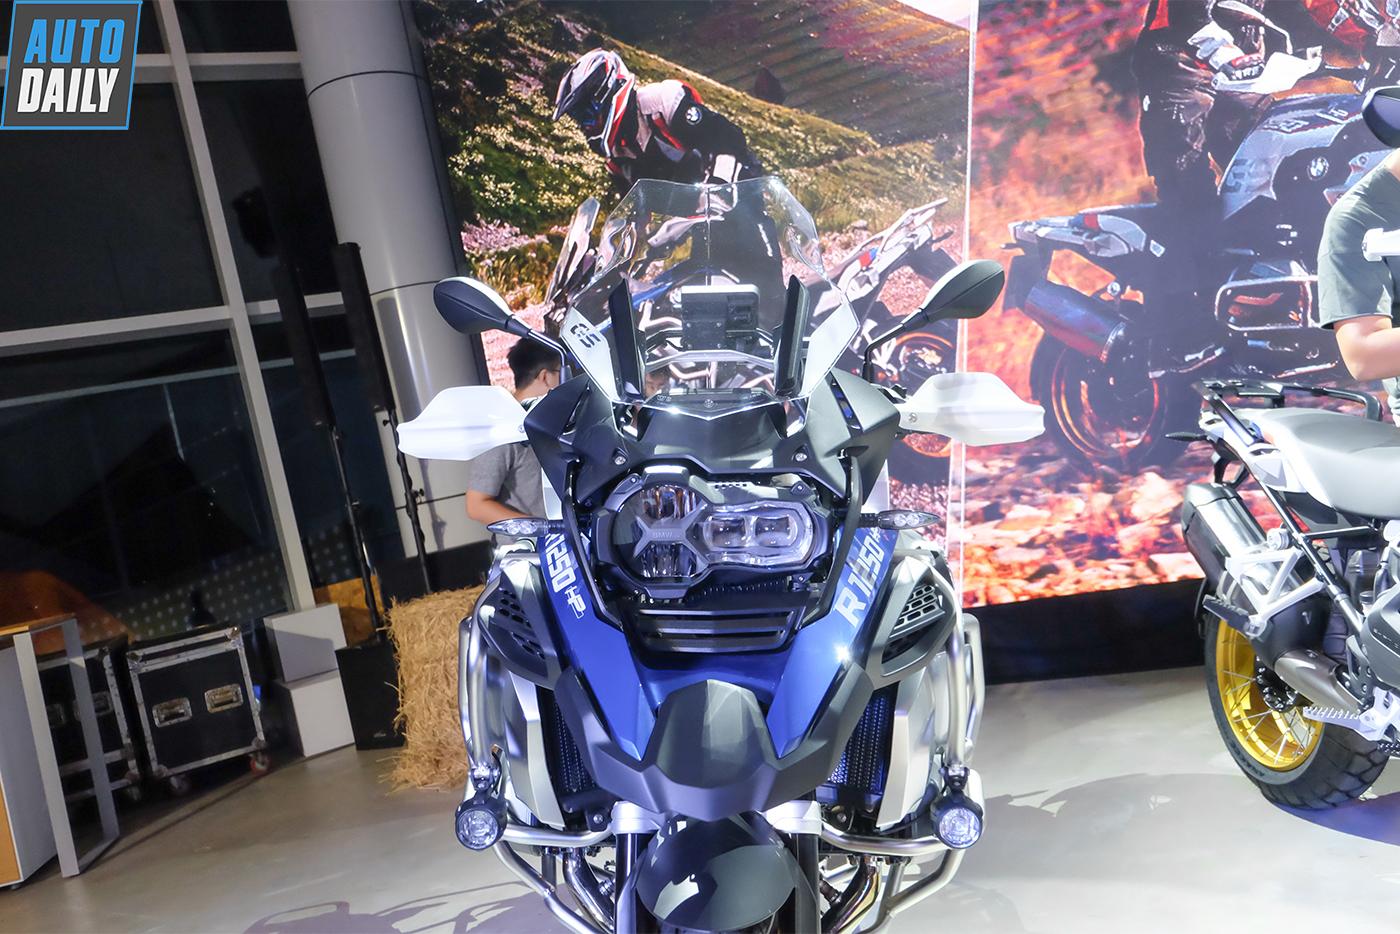 bmw-motorrad-r-1250-gsa-2019-40.jpg